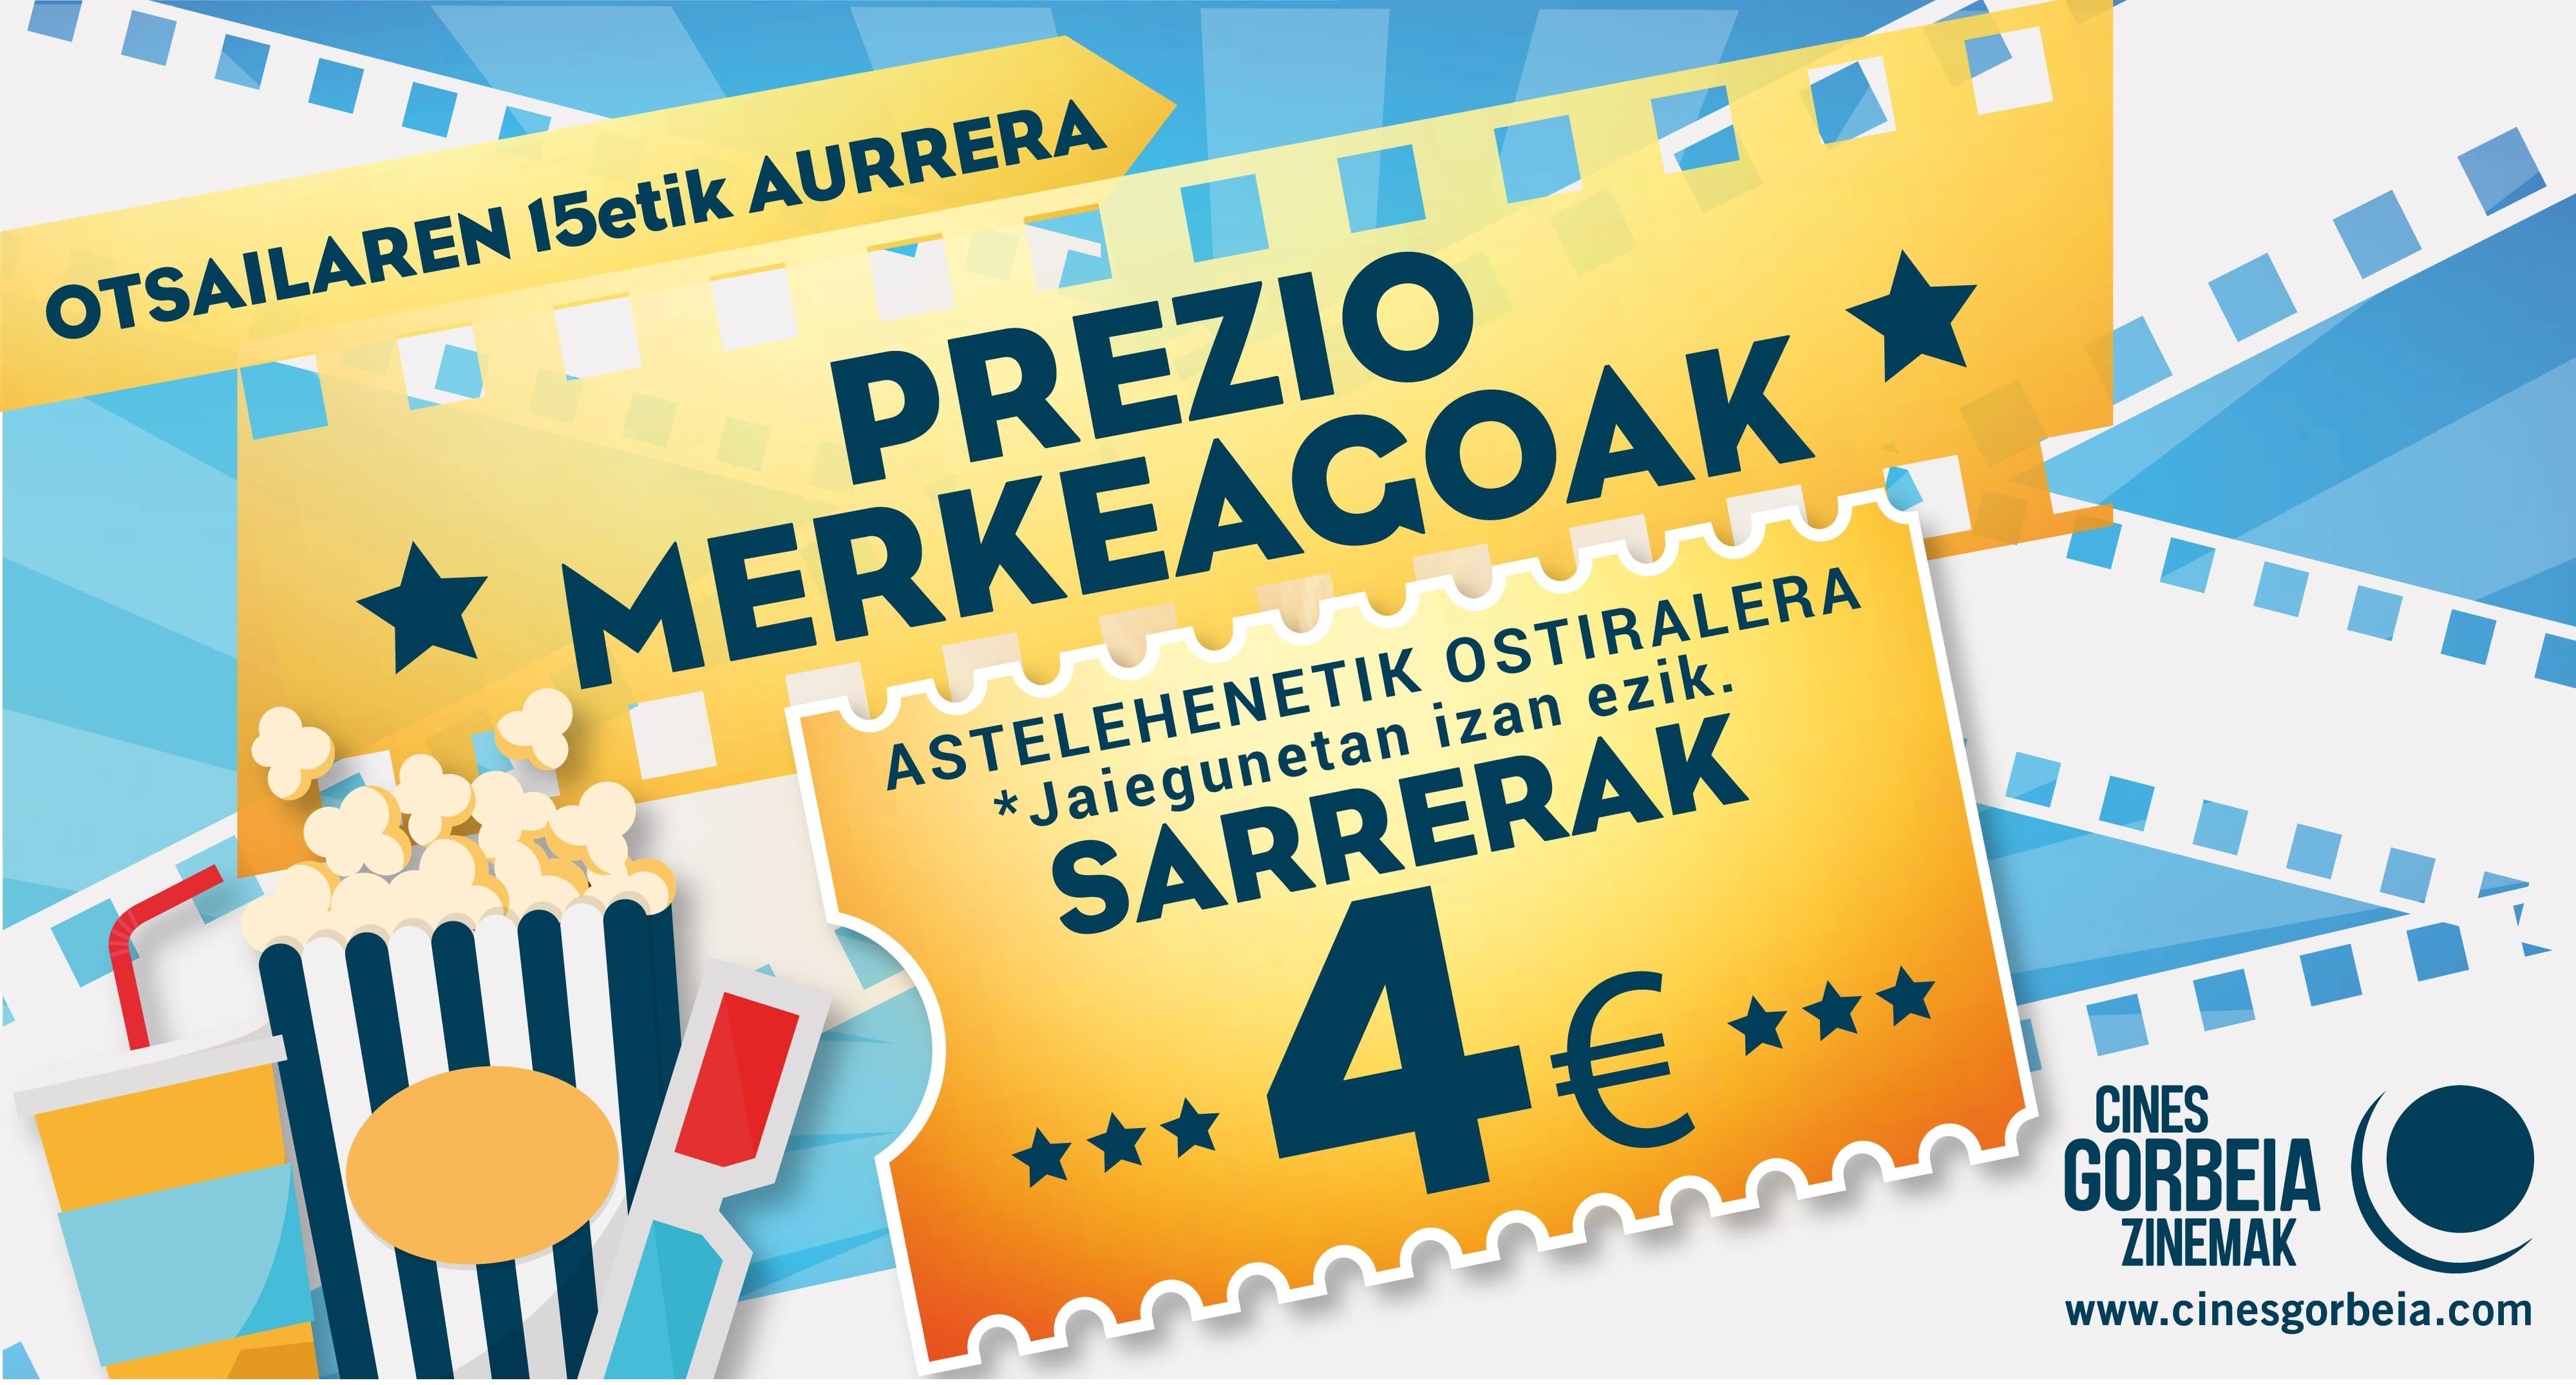 Prezio Merkeagoak Sarrerak 4